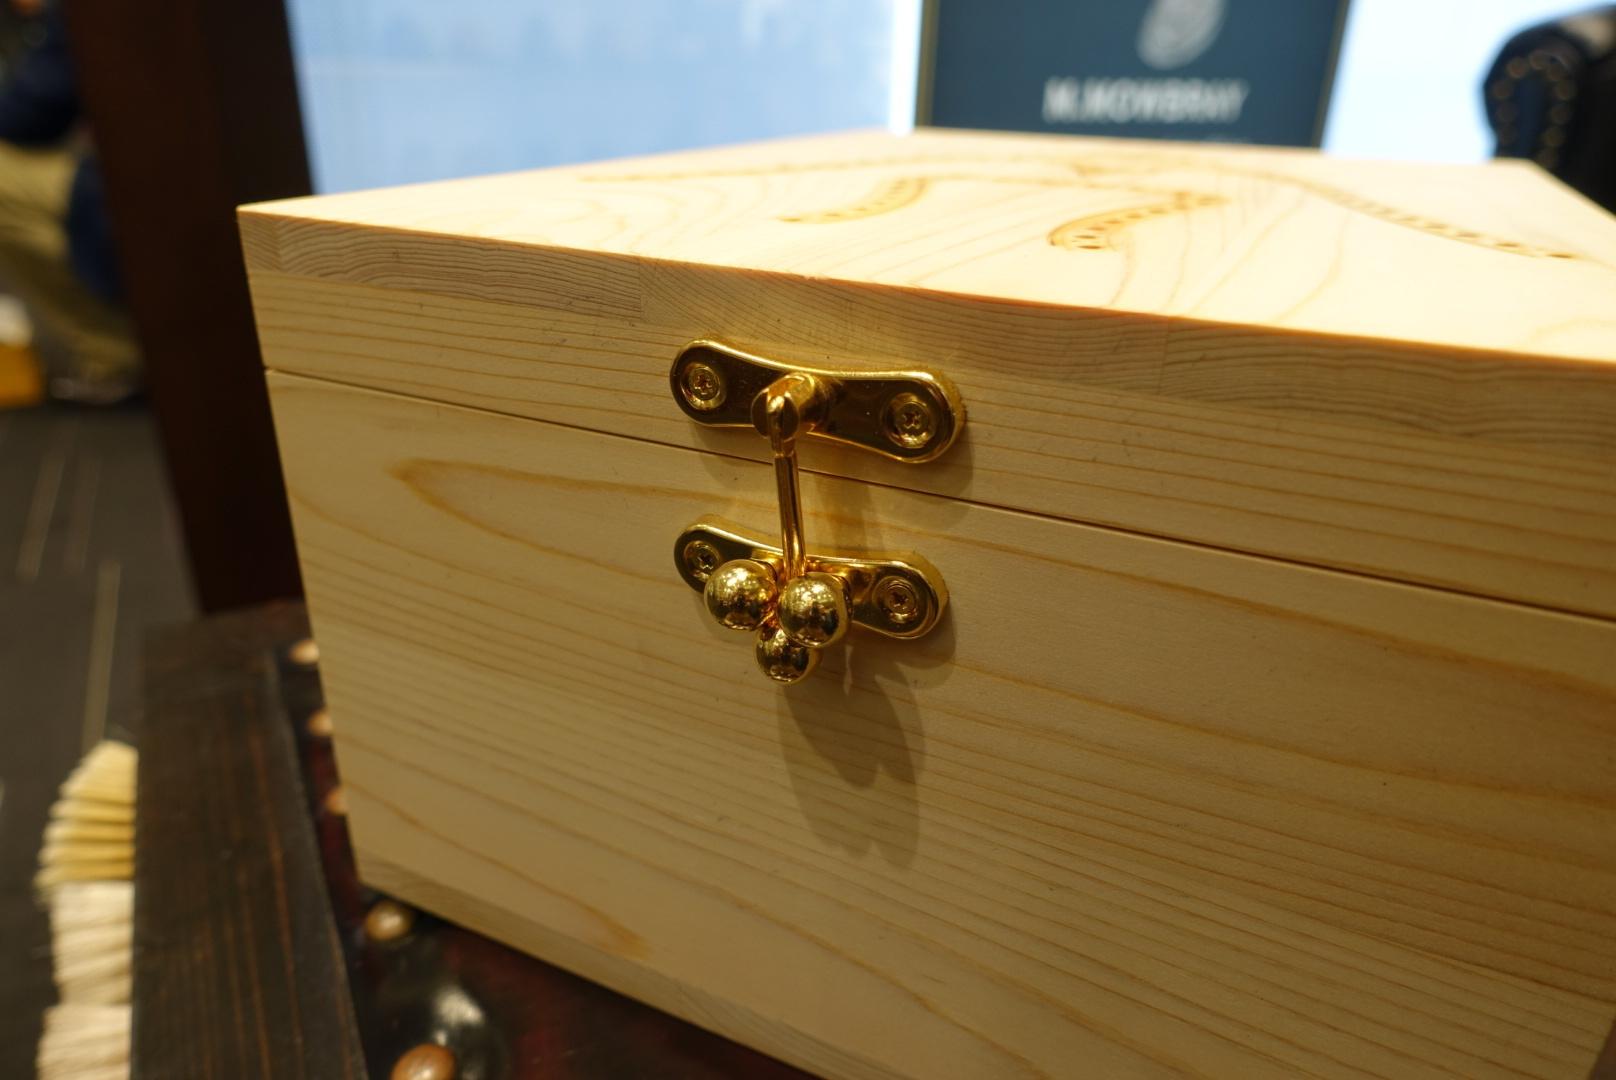 【信州・木曽の檜を使用したシューケアボックスをパターンオーダー】_b0226322_19453662.jpg